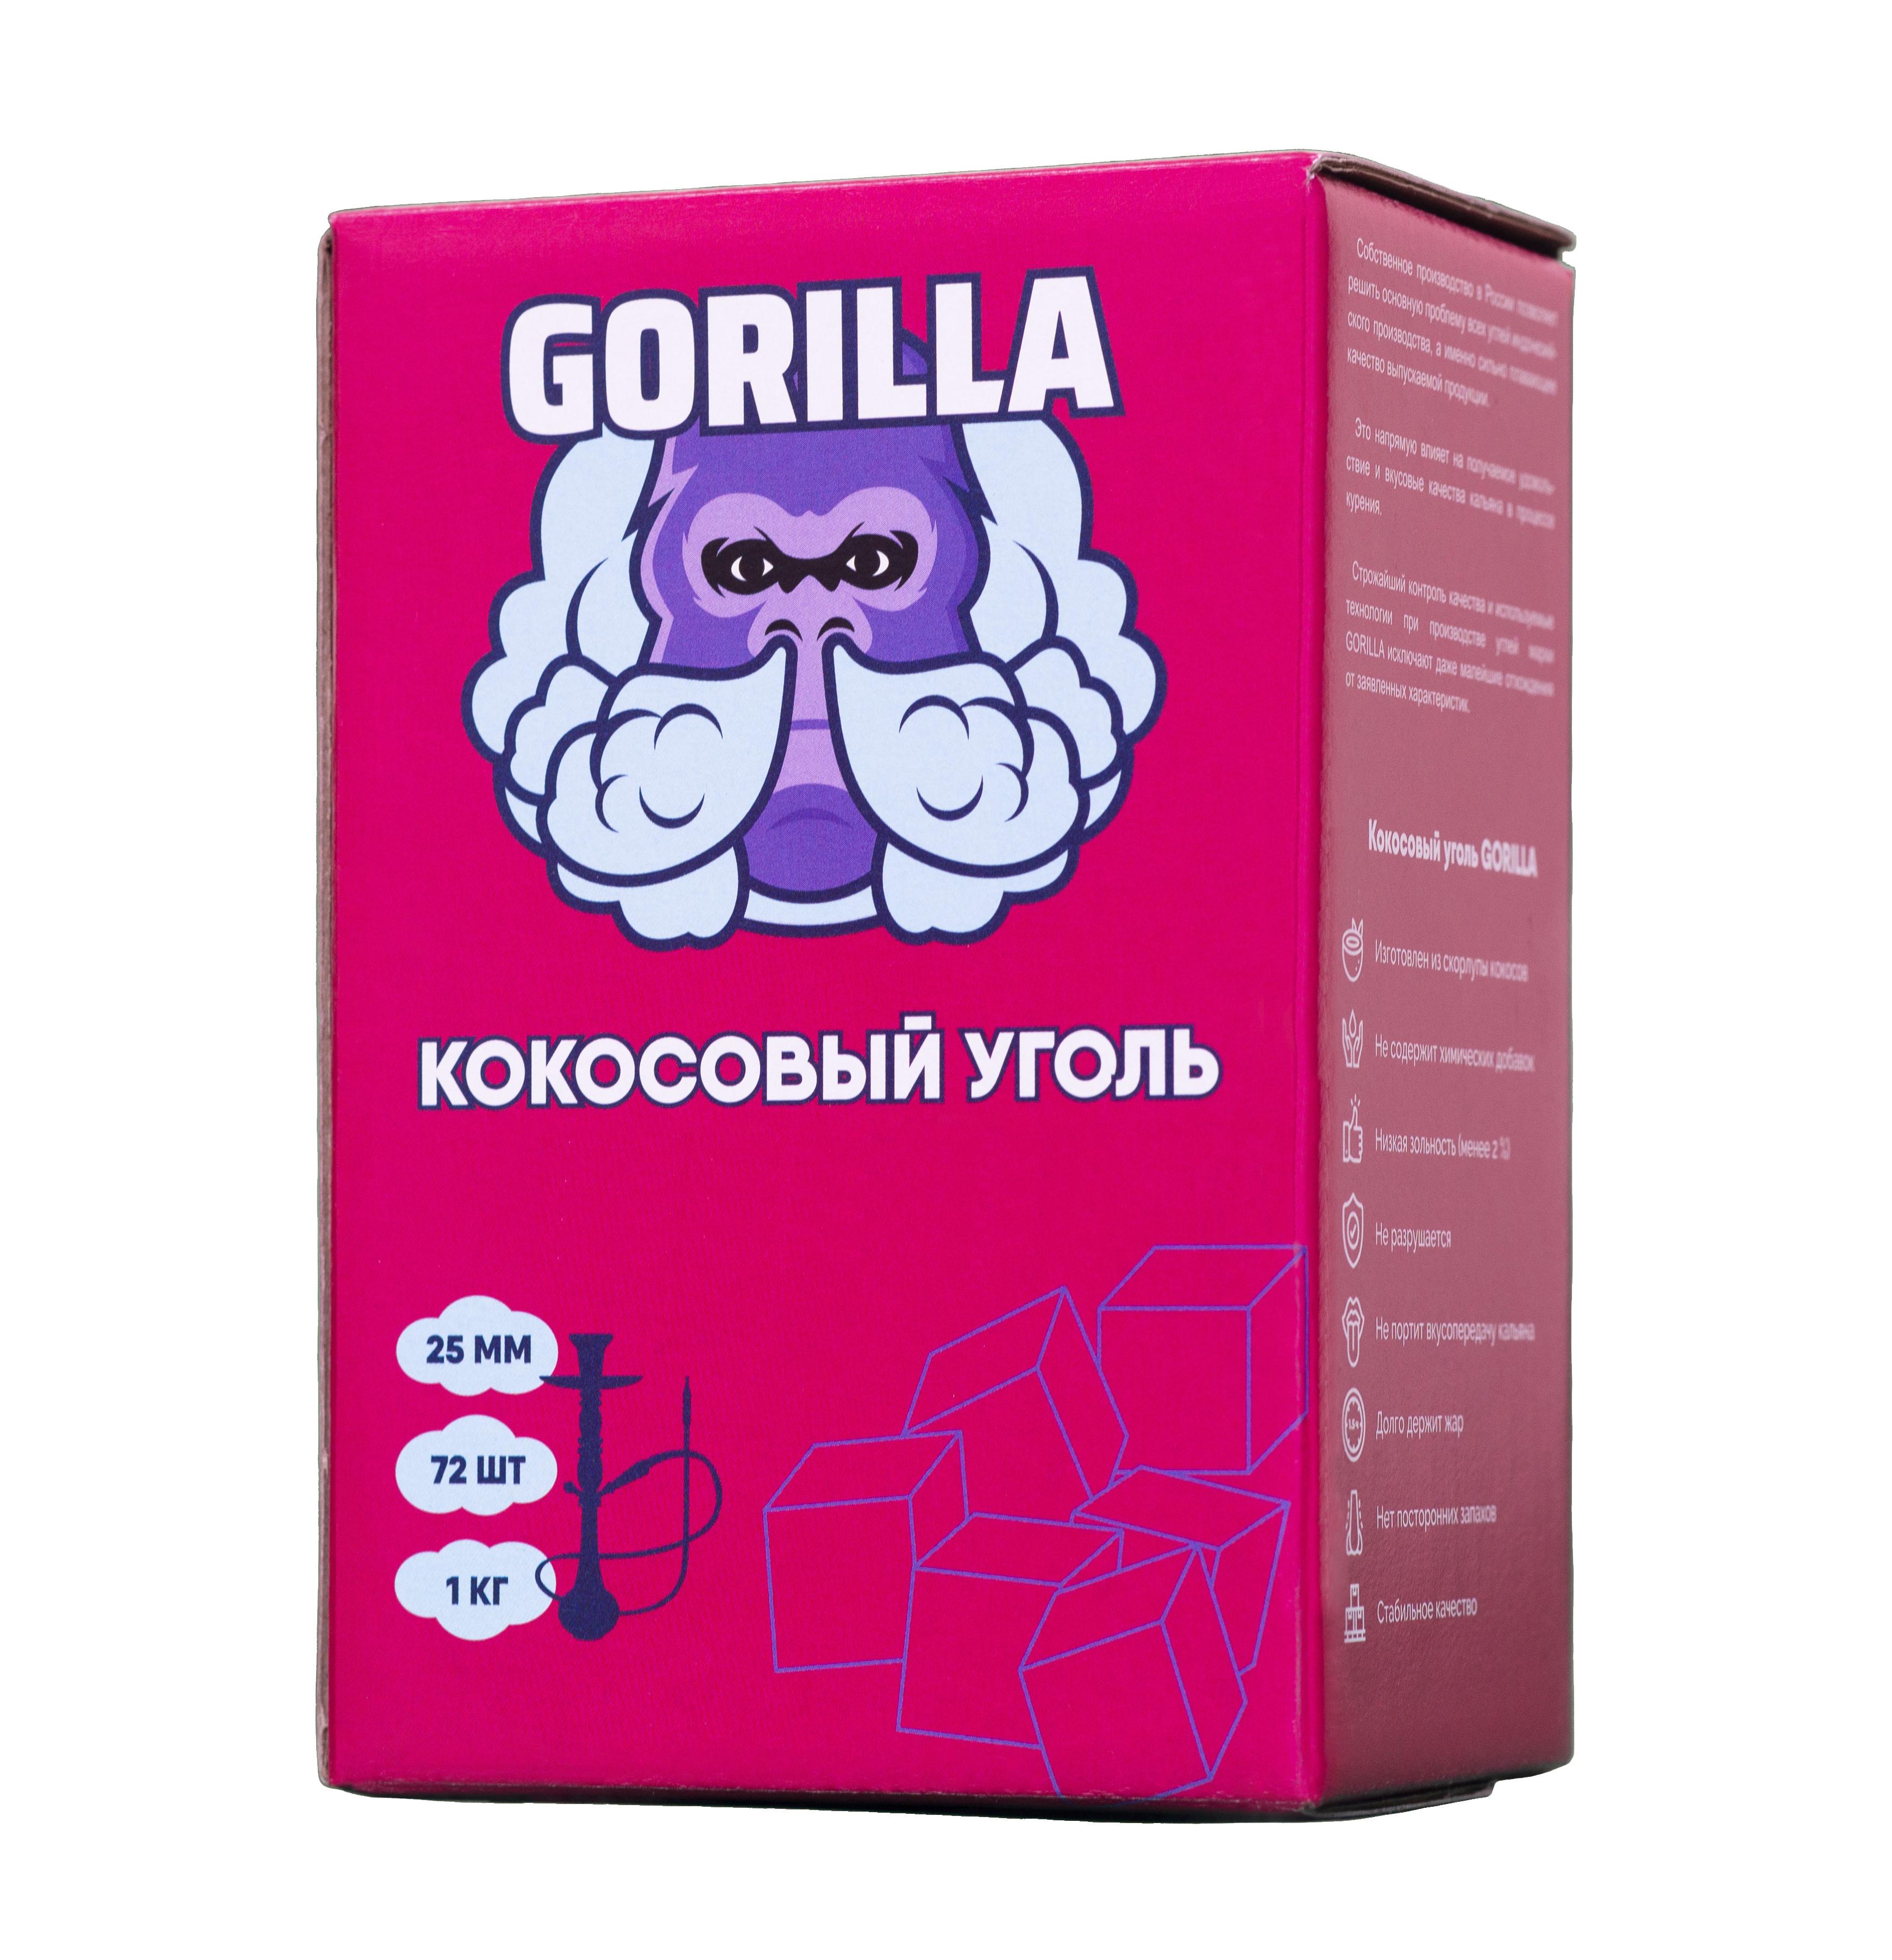 Кокосовый уголь для кальяна GORILLA.